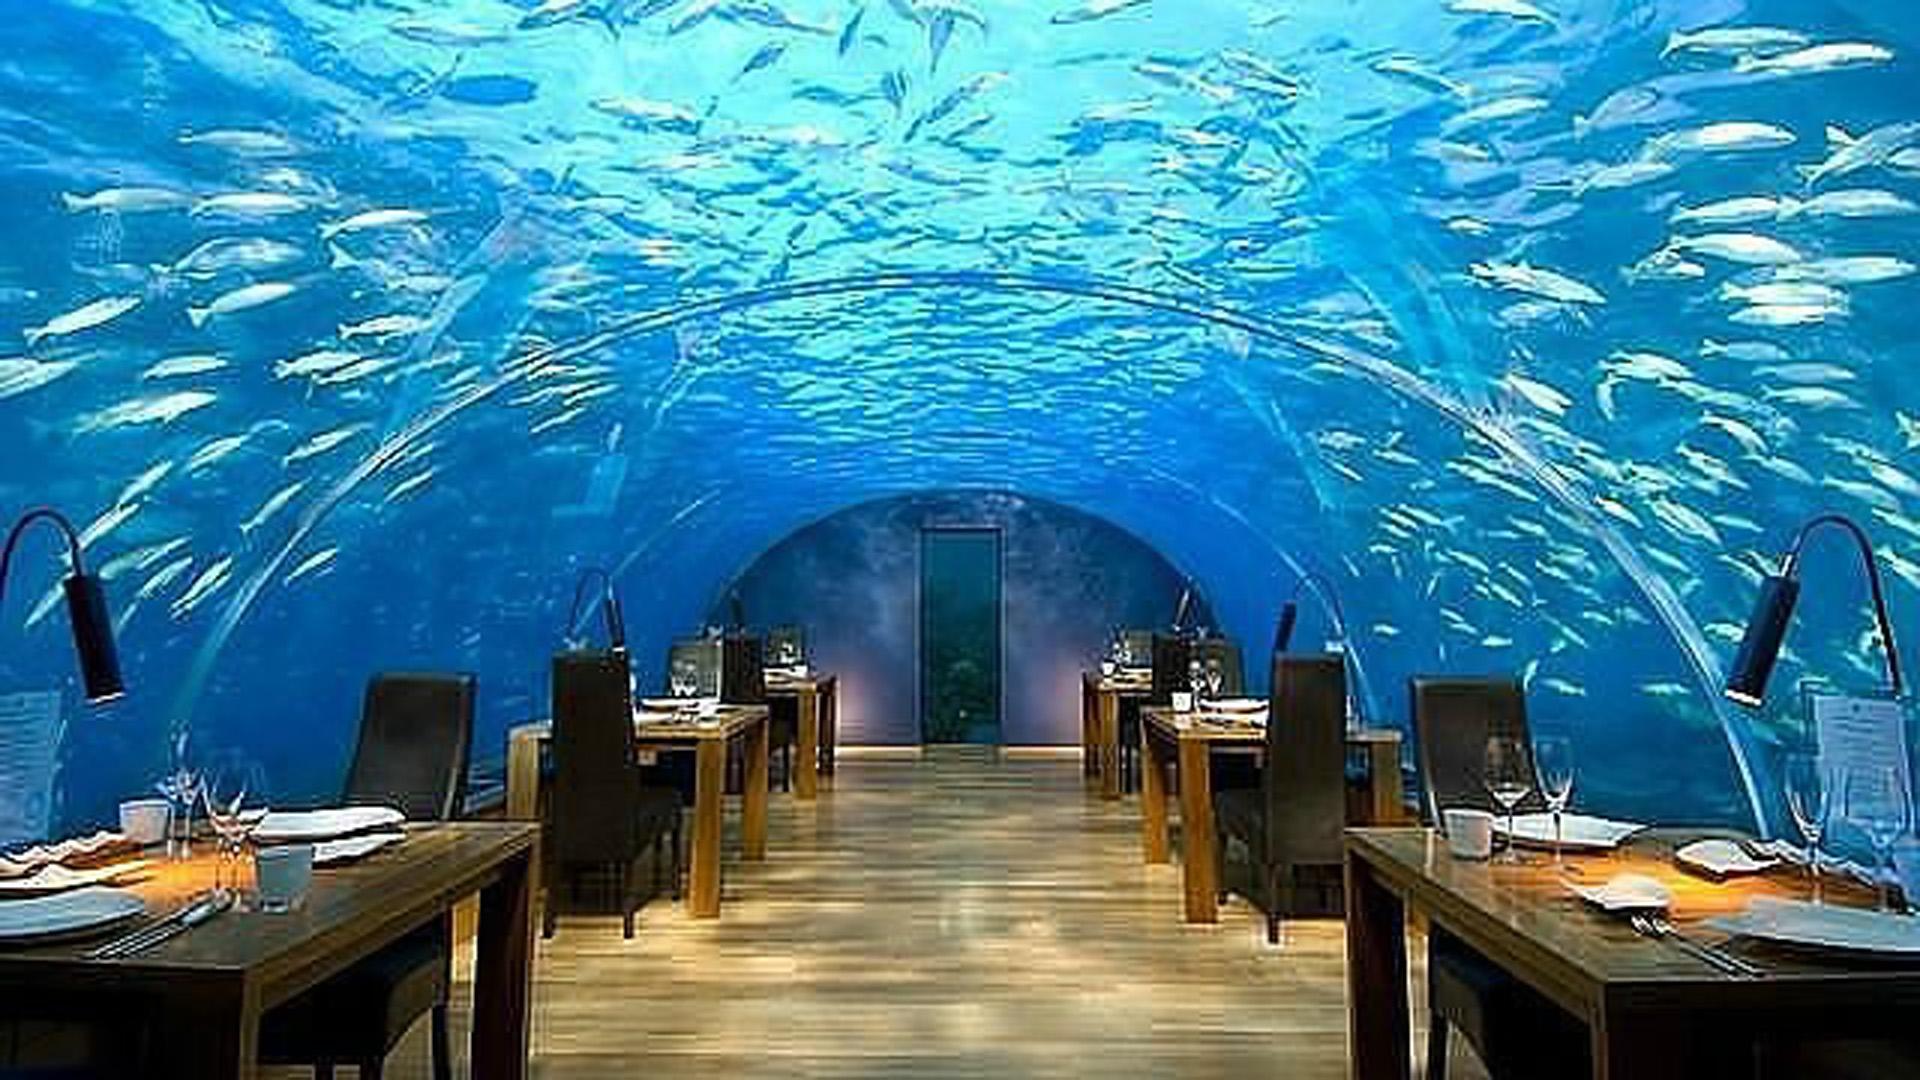 Una experiencia única, almorzar observando el inmenso océano y sus animales